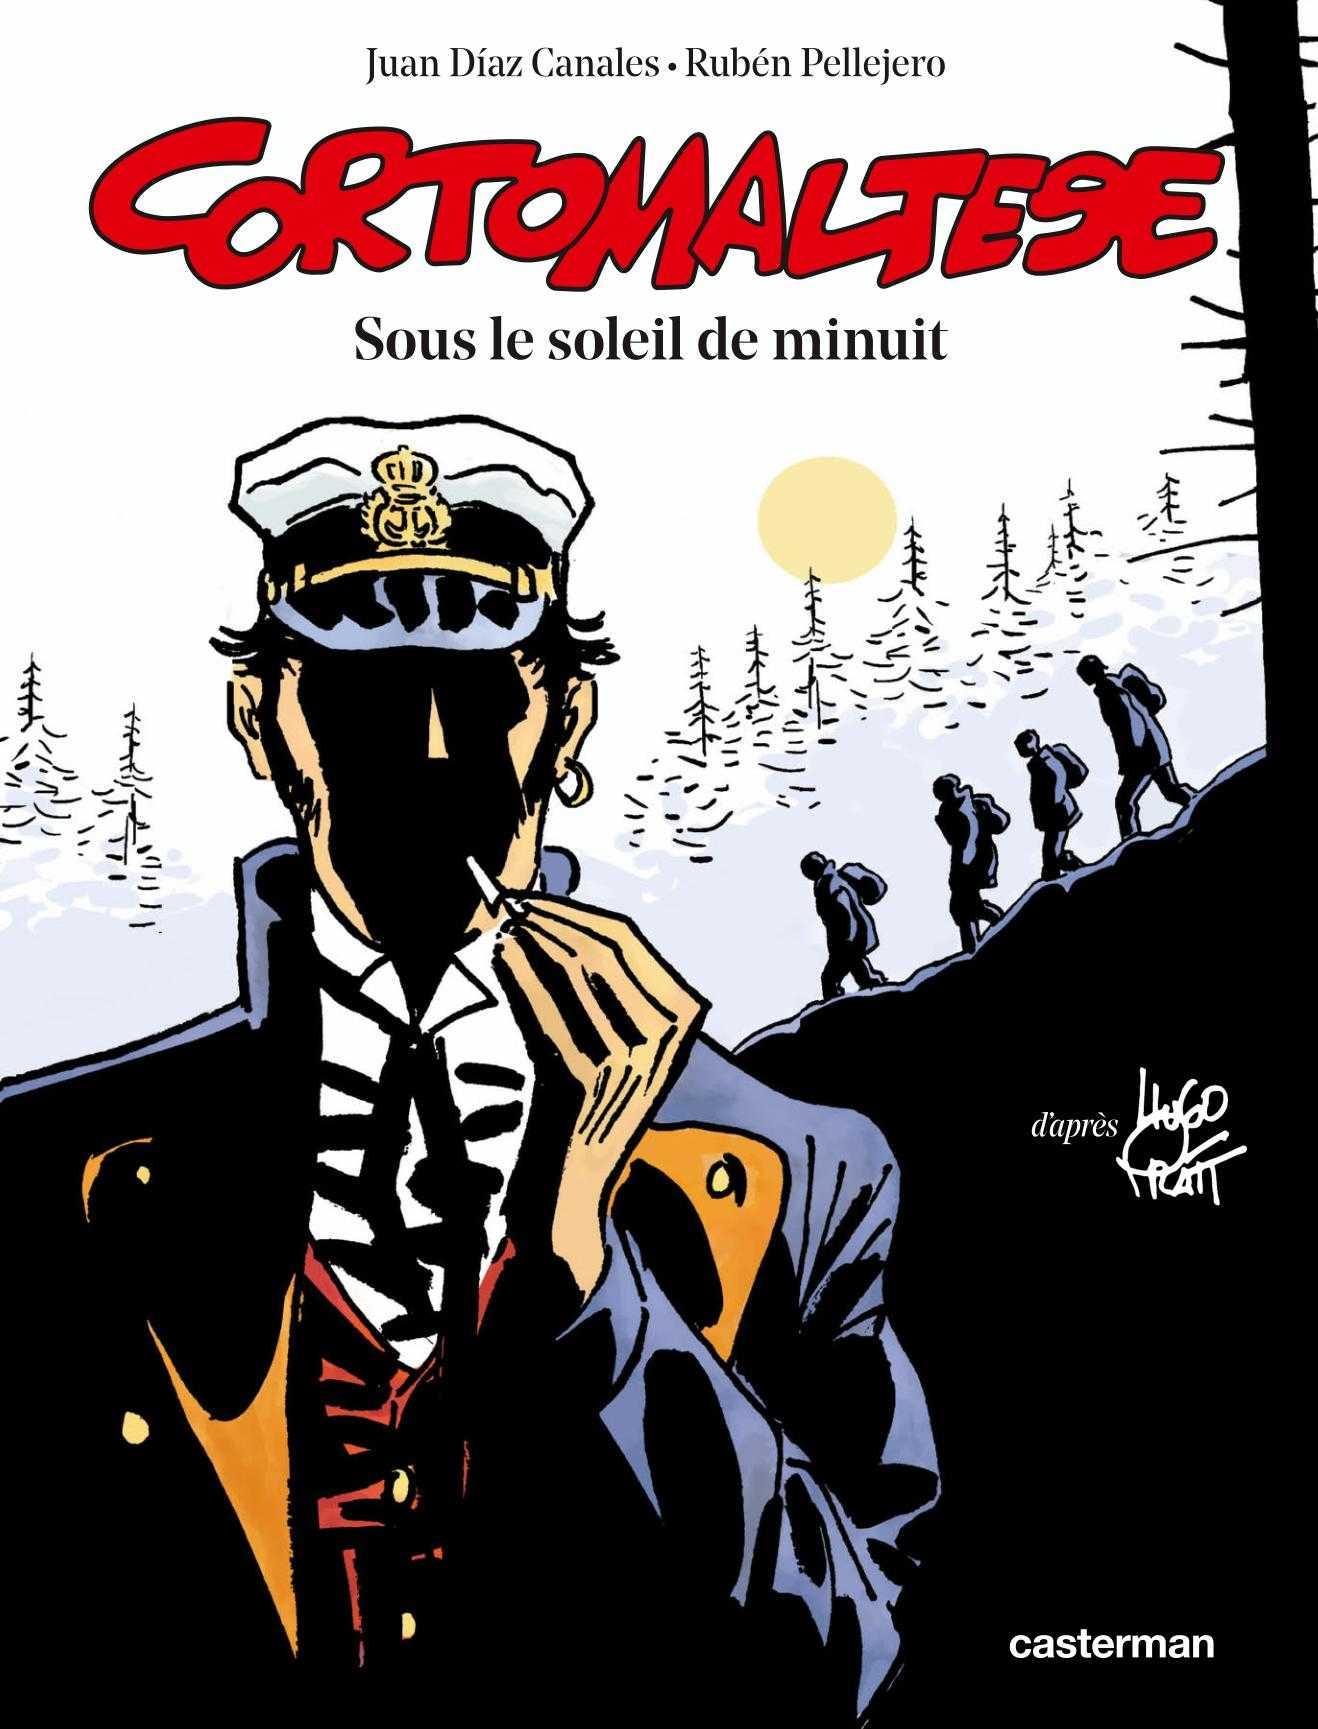 Sous le soleil de minuit, Corto Maltese de retour avec Pellejero et Canales qui seront en dédicace chez Azimuts à Montpellier le 26 novembre